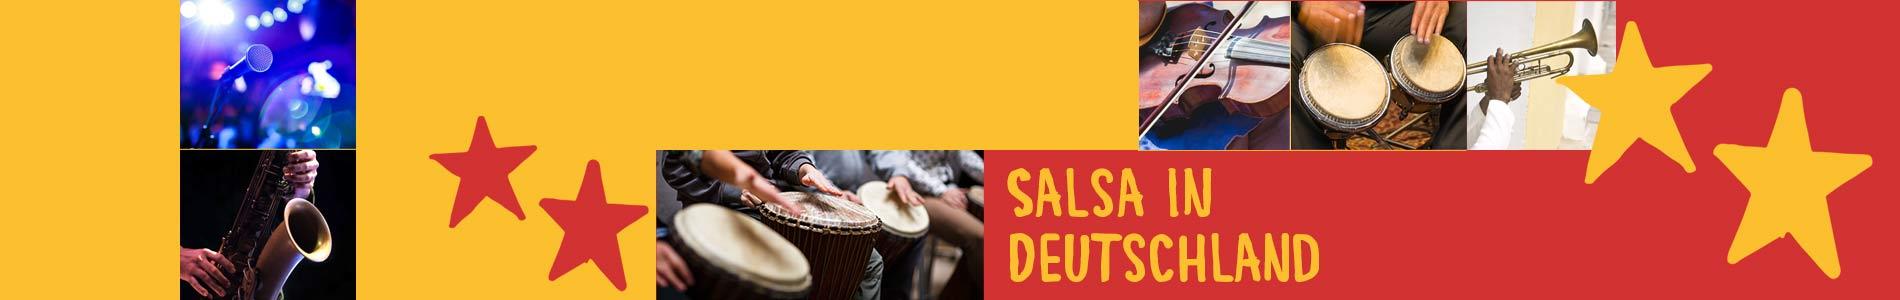 Salsa in Demitz-Thumitz – Salsa lernen und tanzen, Tanzkurse, Partys, Veranstaltungen